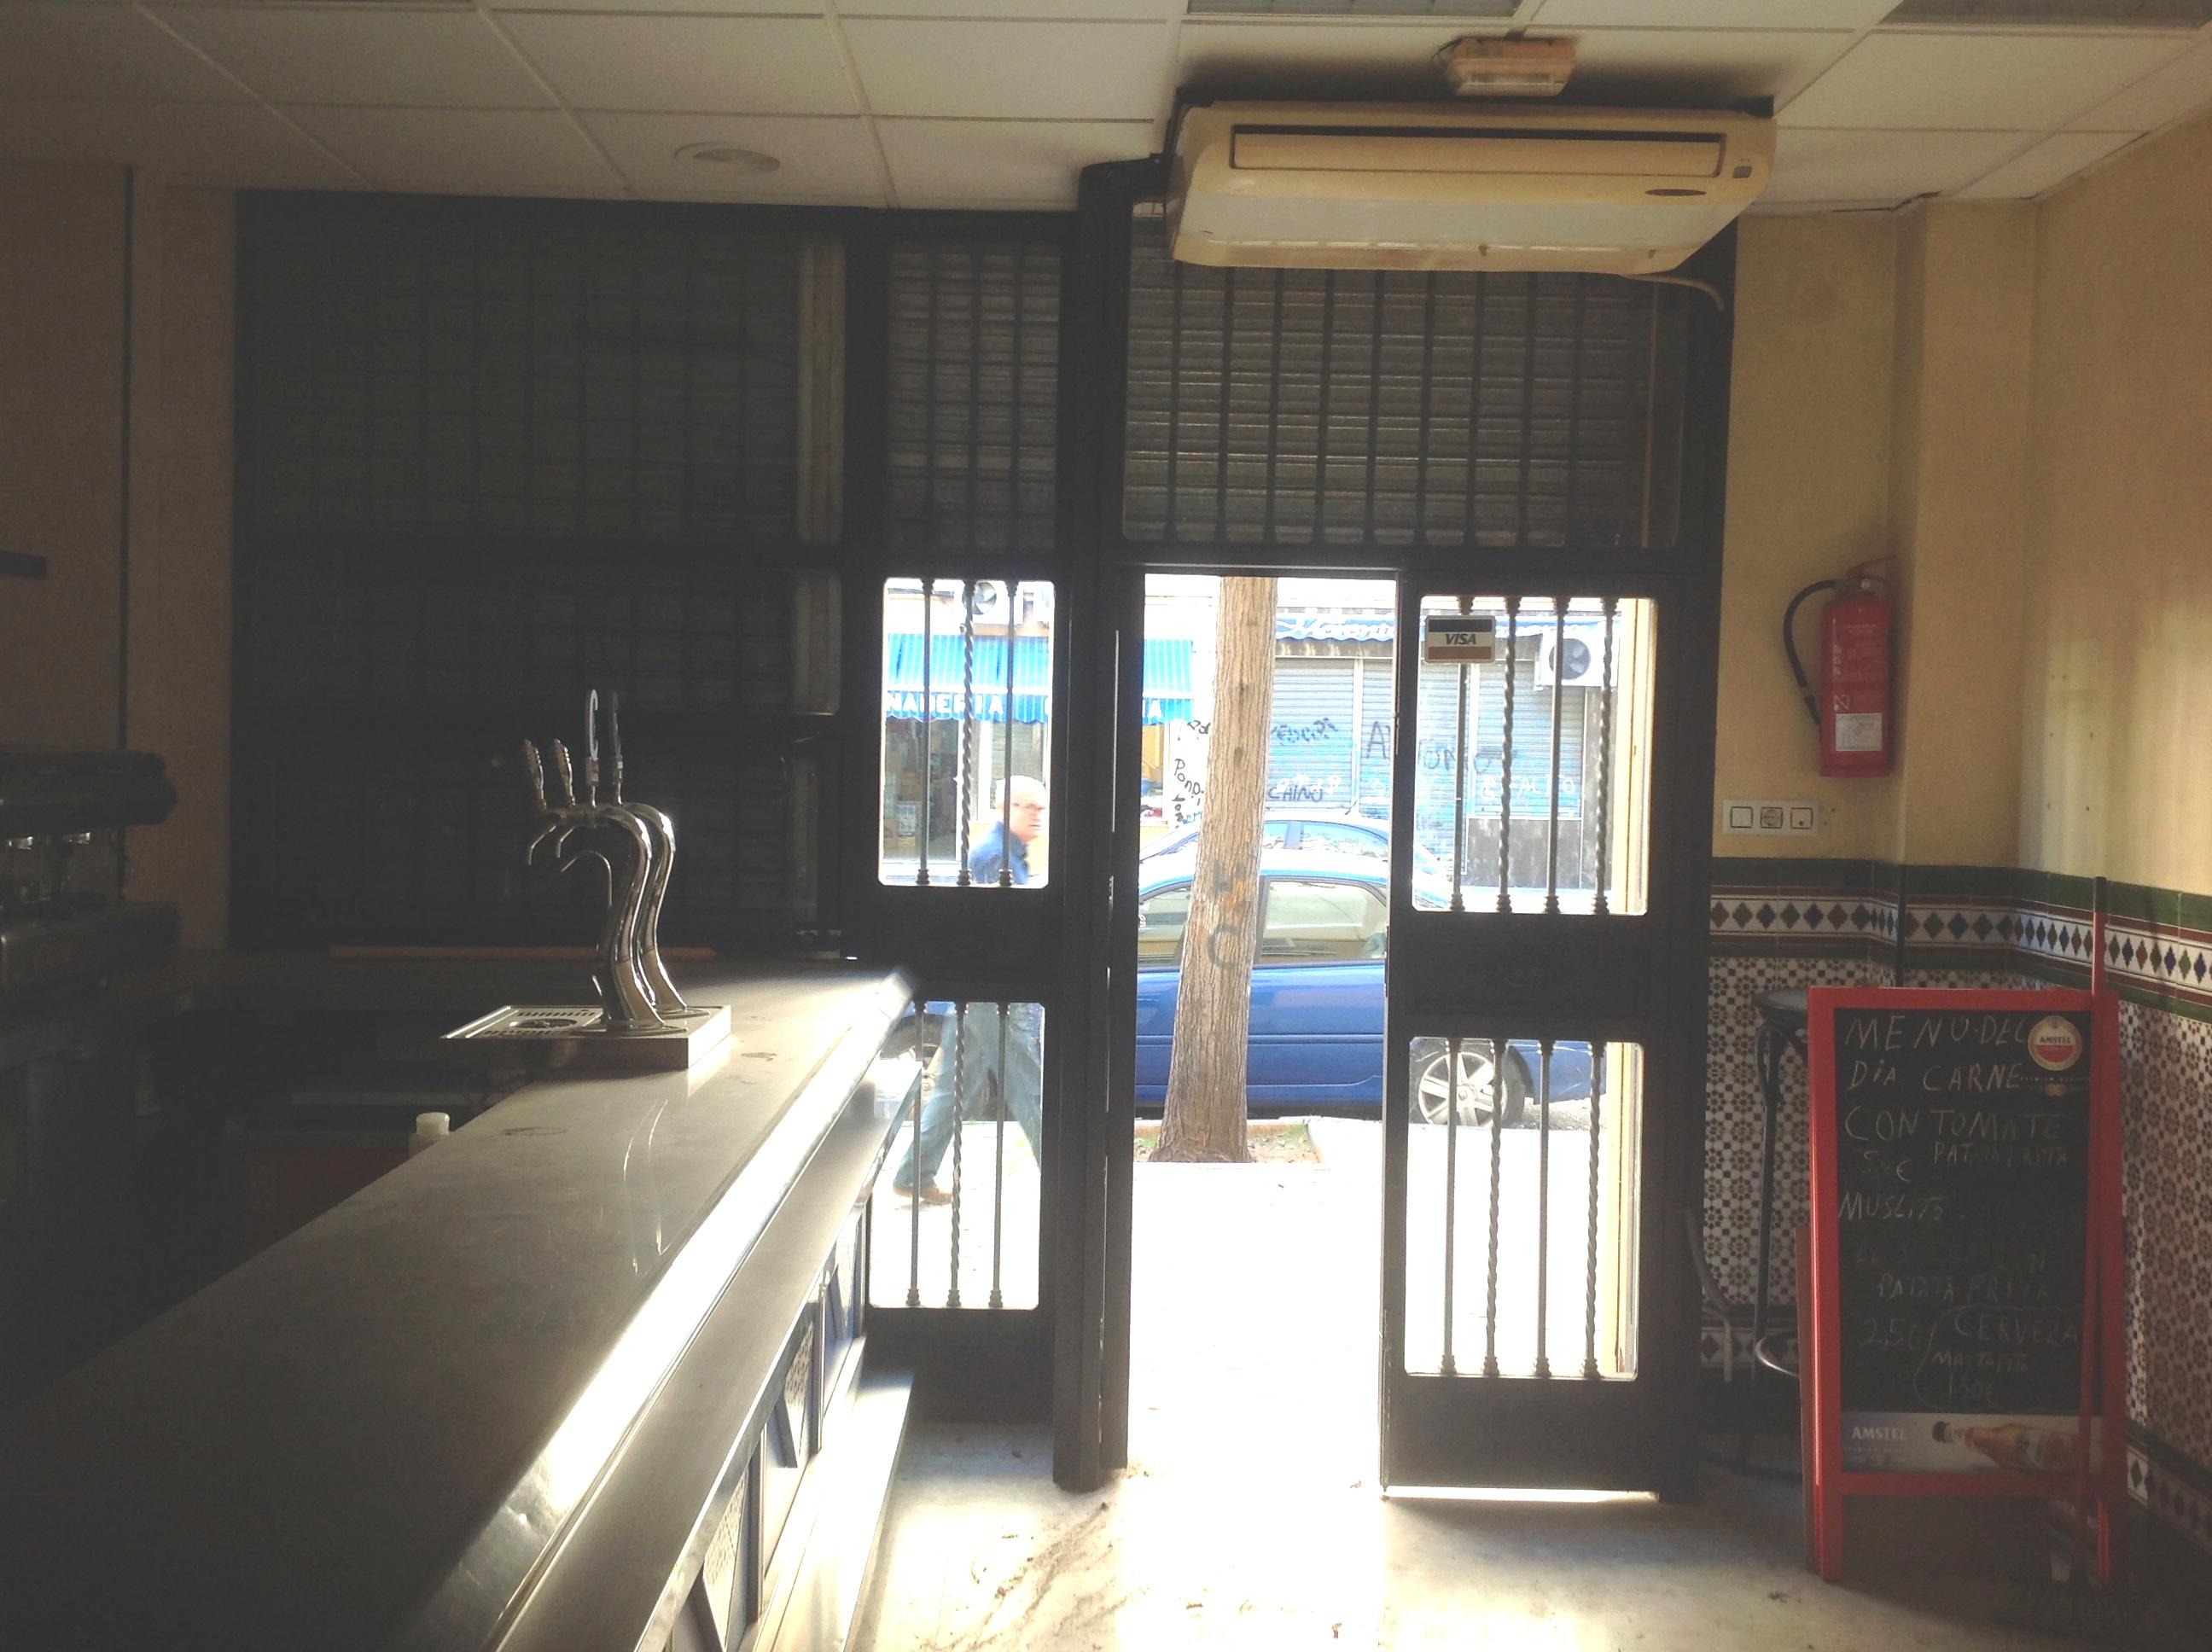 bar-en-alquiler-en-sevilla-con-buena-cocina-6 - BARES EN ALQUILER CIRSA